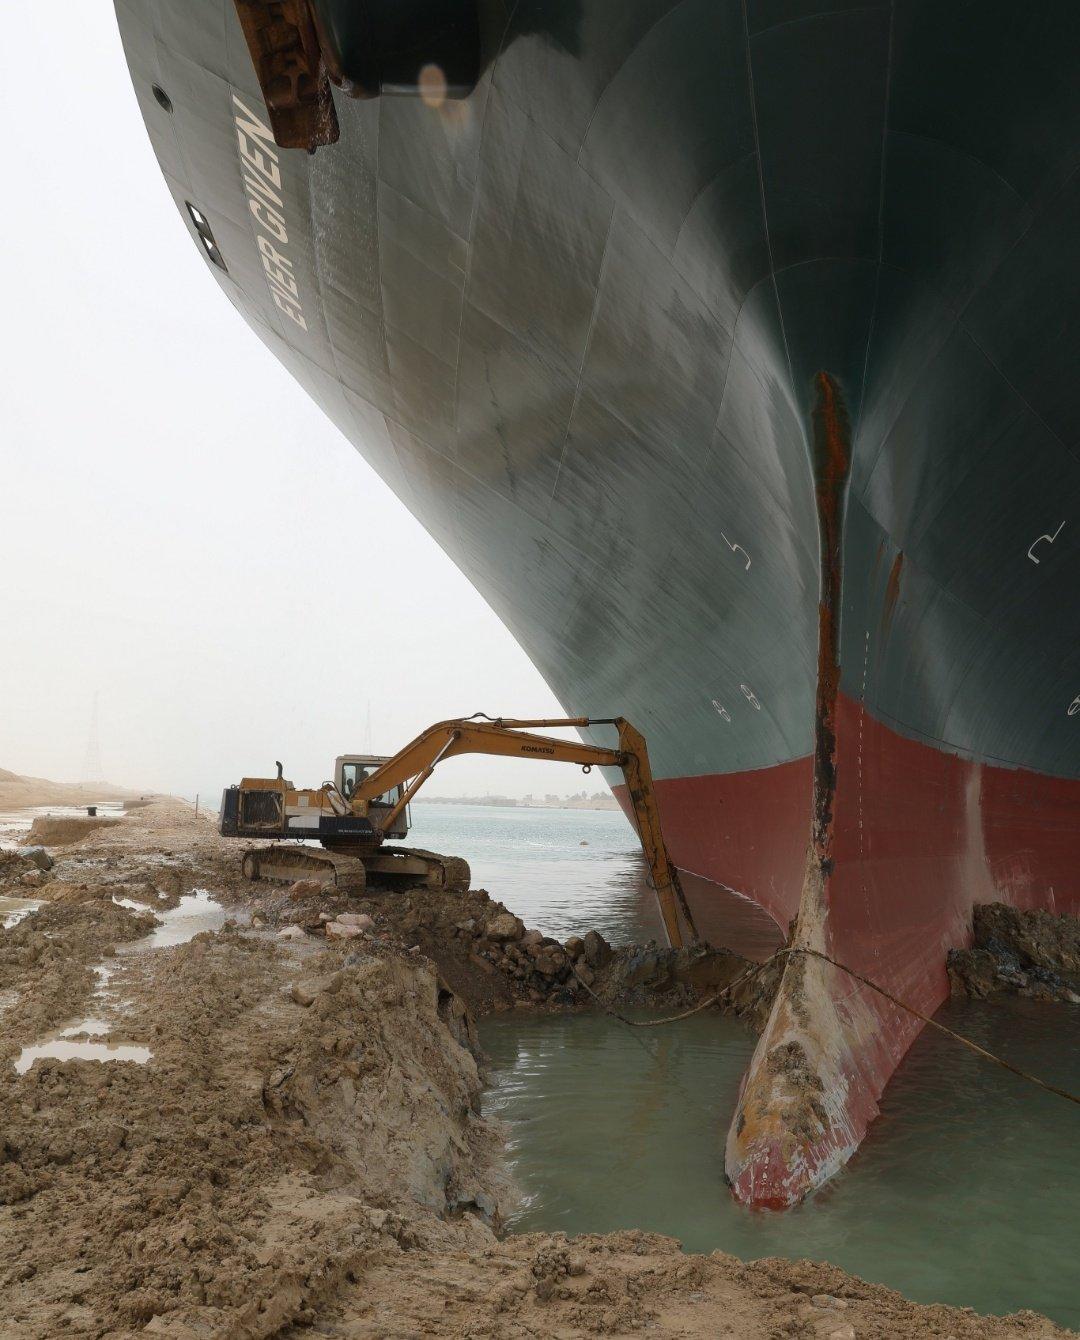 長賜號浮起!司機爆料「老闆說只是挖點土」 一到場400m船:被騙QQ